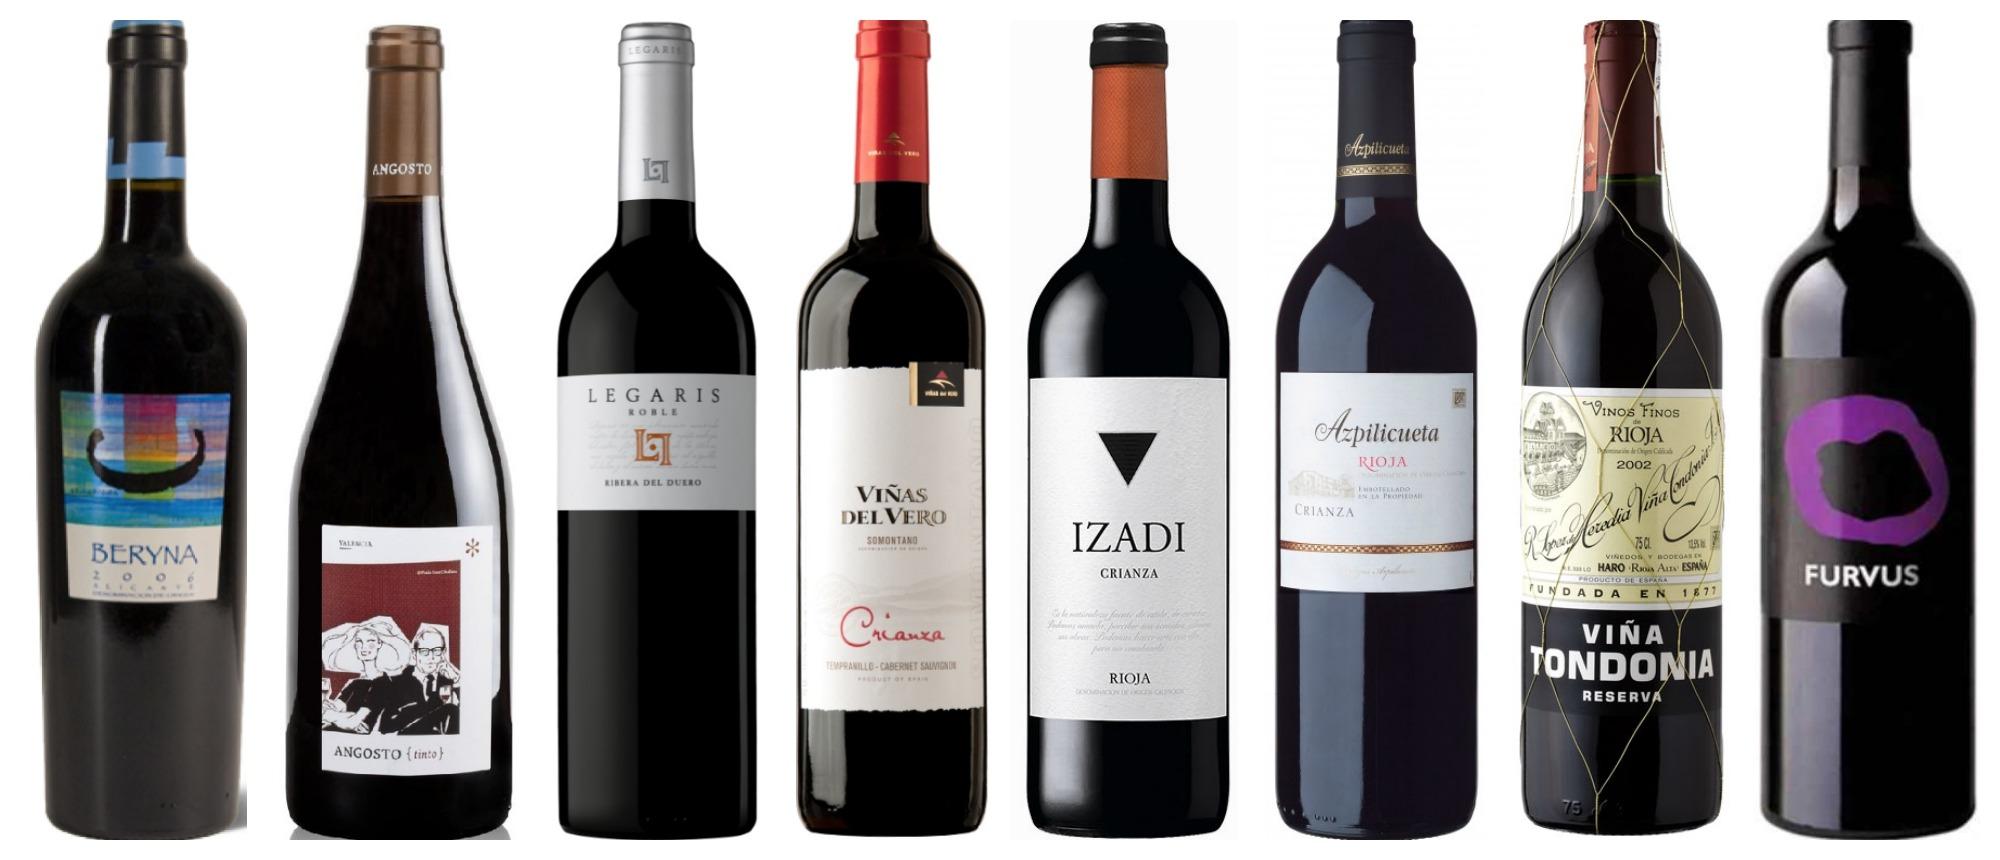 Mejores vinos para regalar 2